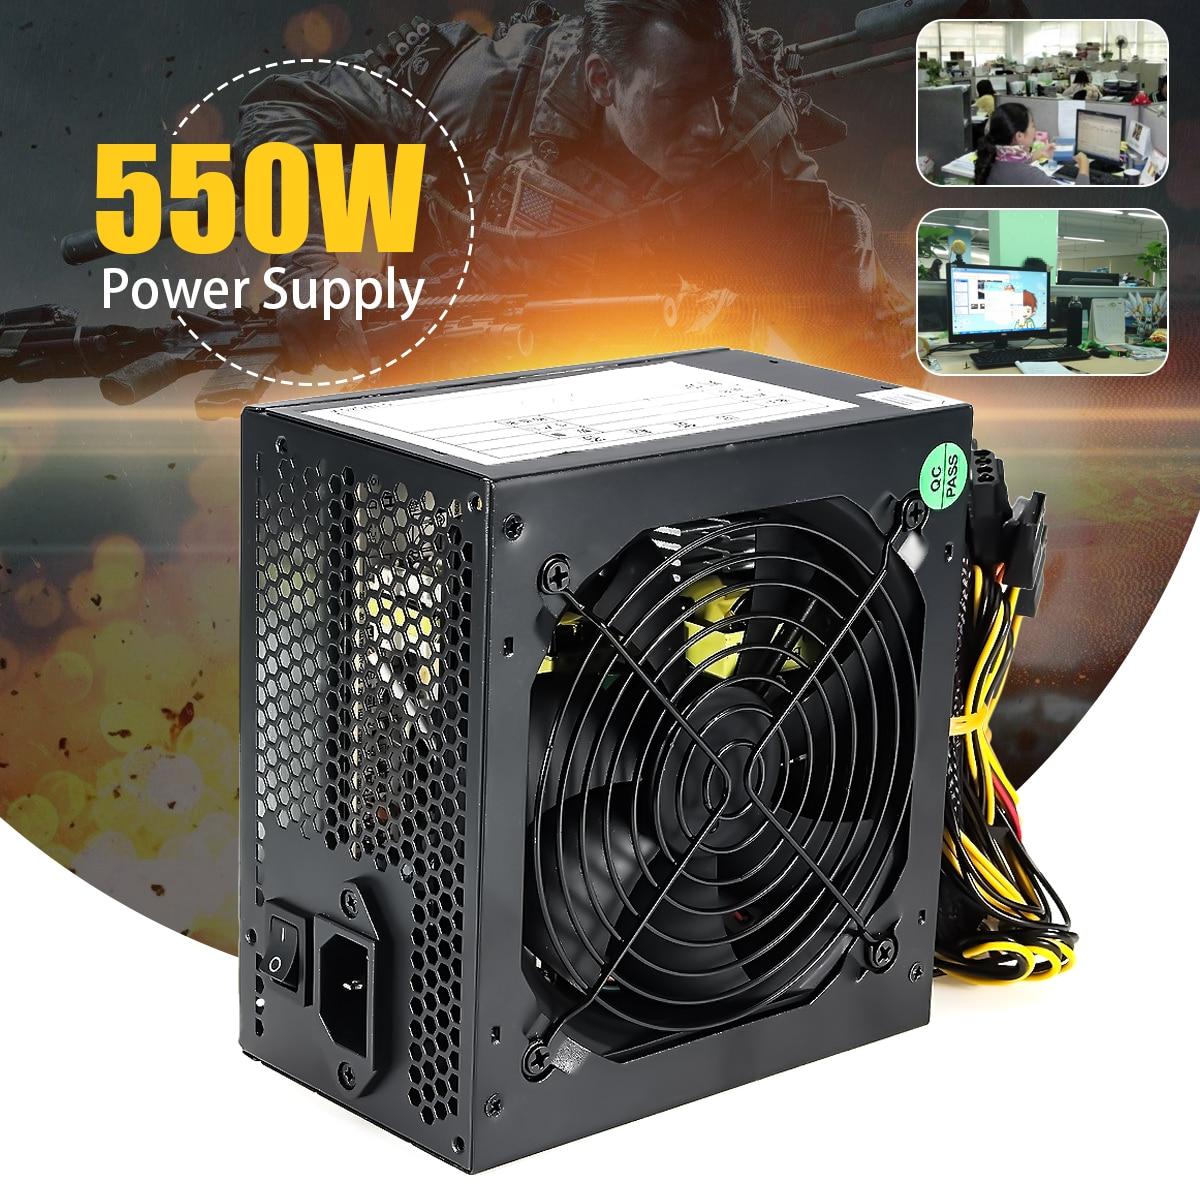 400 w 550 w Pic-PC PSU Alimentation Noir Gaming 120mm Ventilateur Bleu LED 20/24pin 12 v ATX Haute Qualité Ordinateur Alimentation Pour BTC